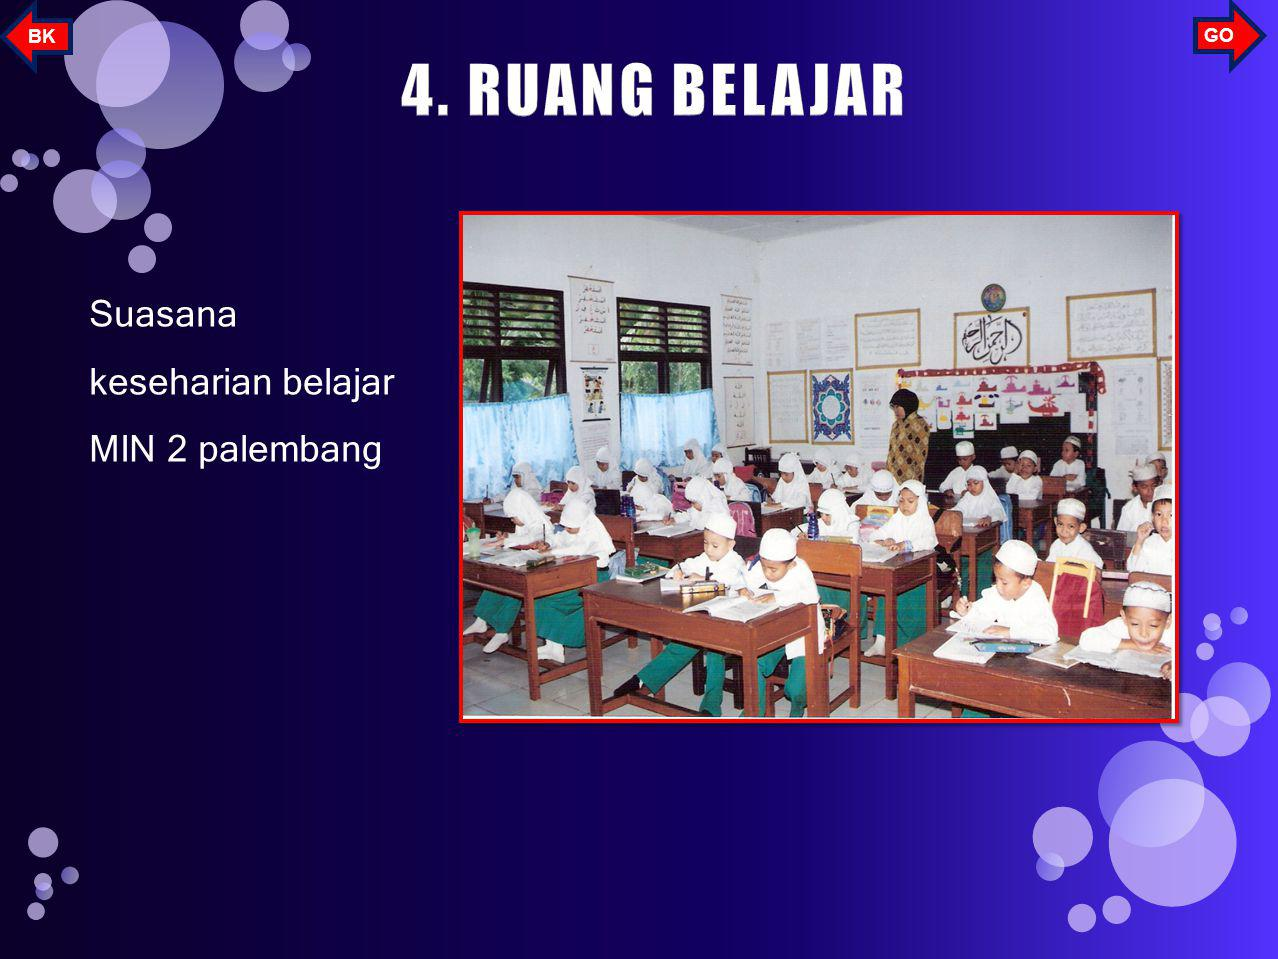 BK GO 4. RUANG BELAJAR Suasana keseharian belajar MIN 2 palembang